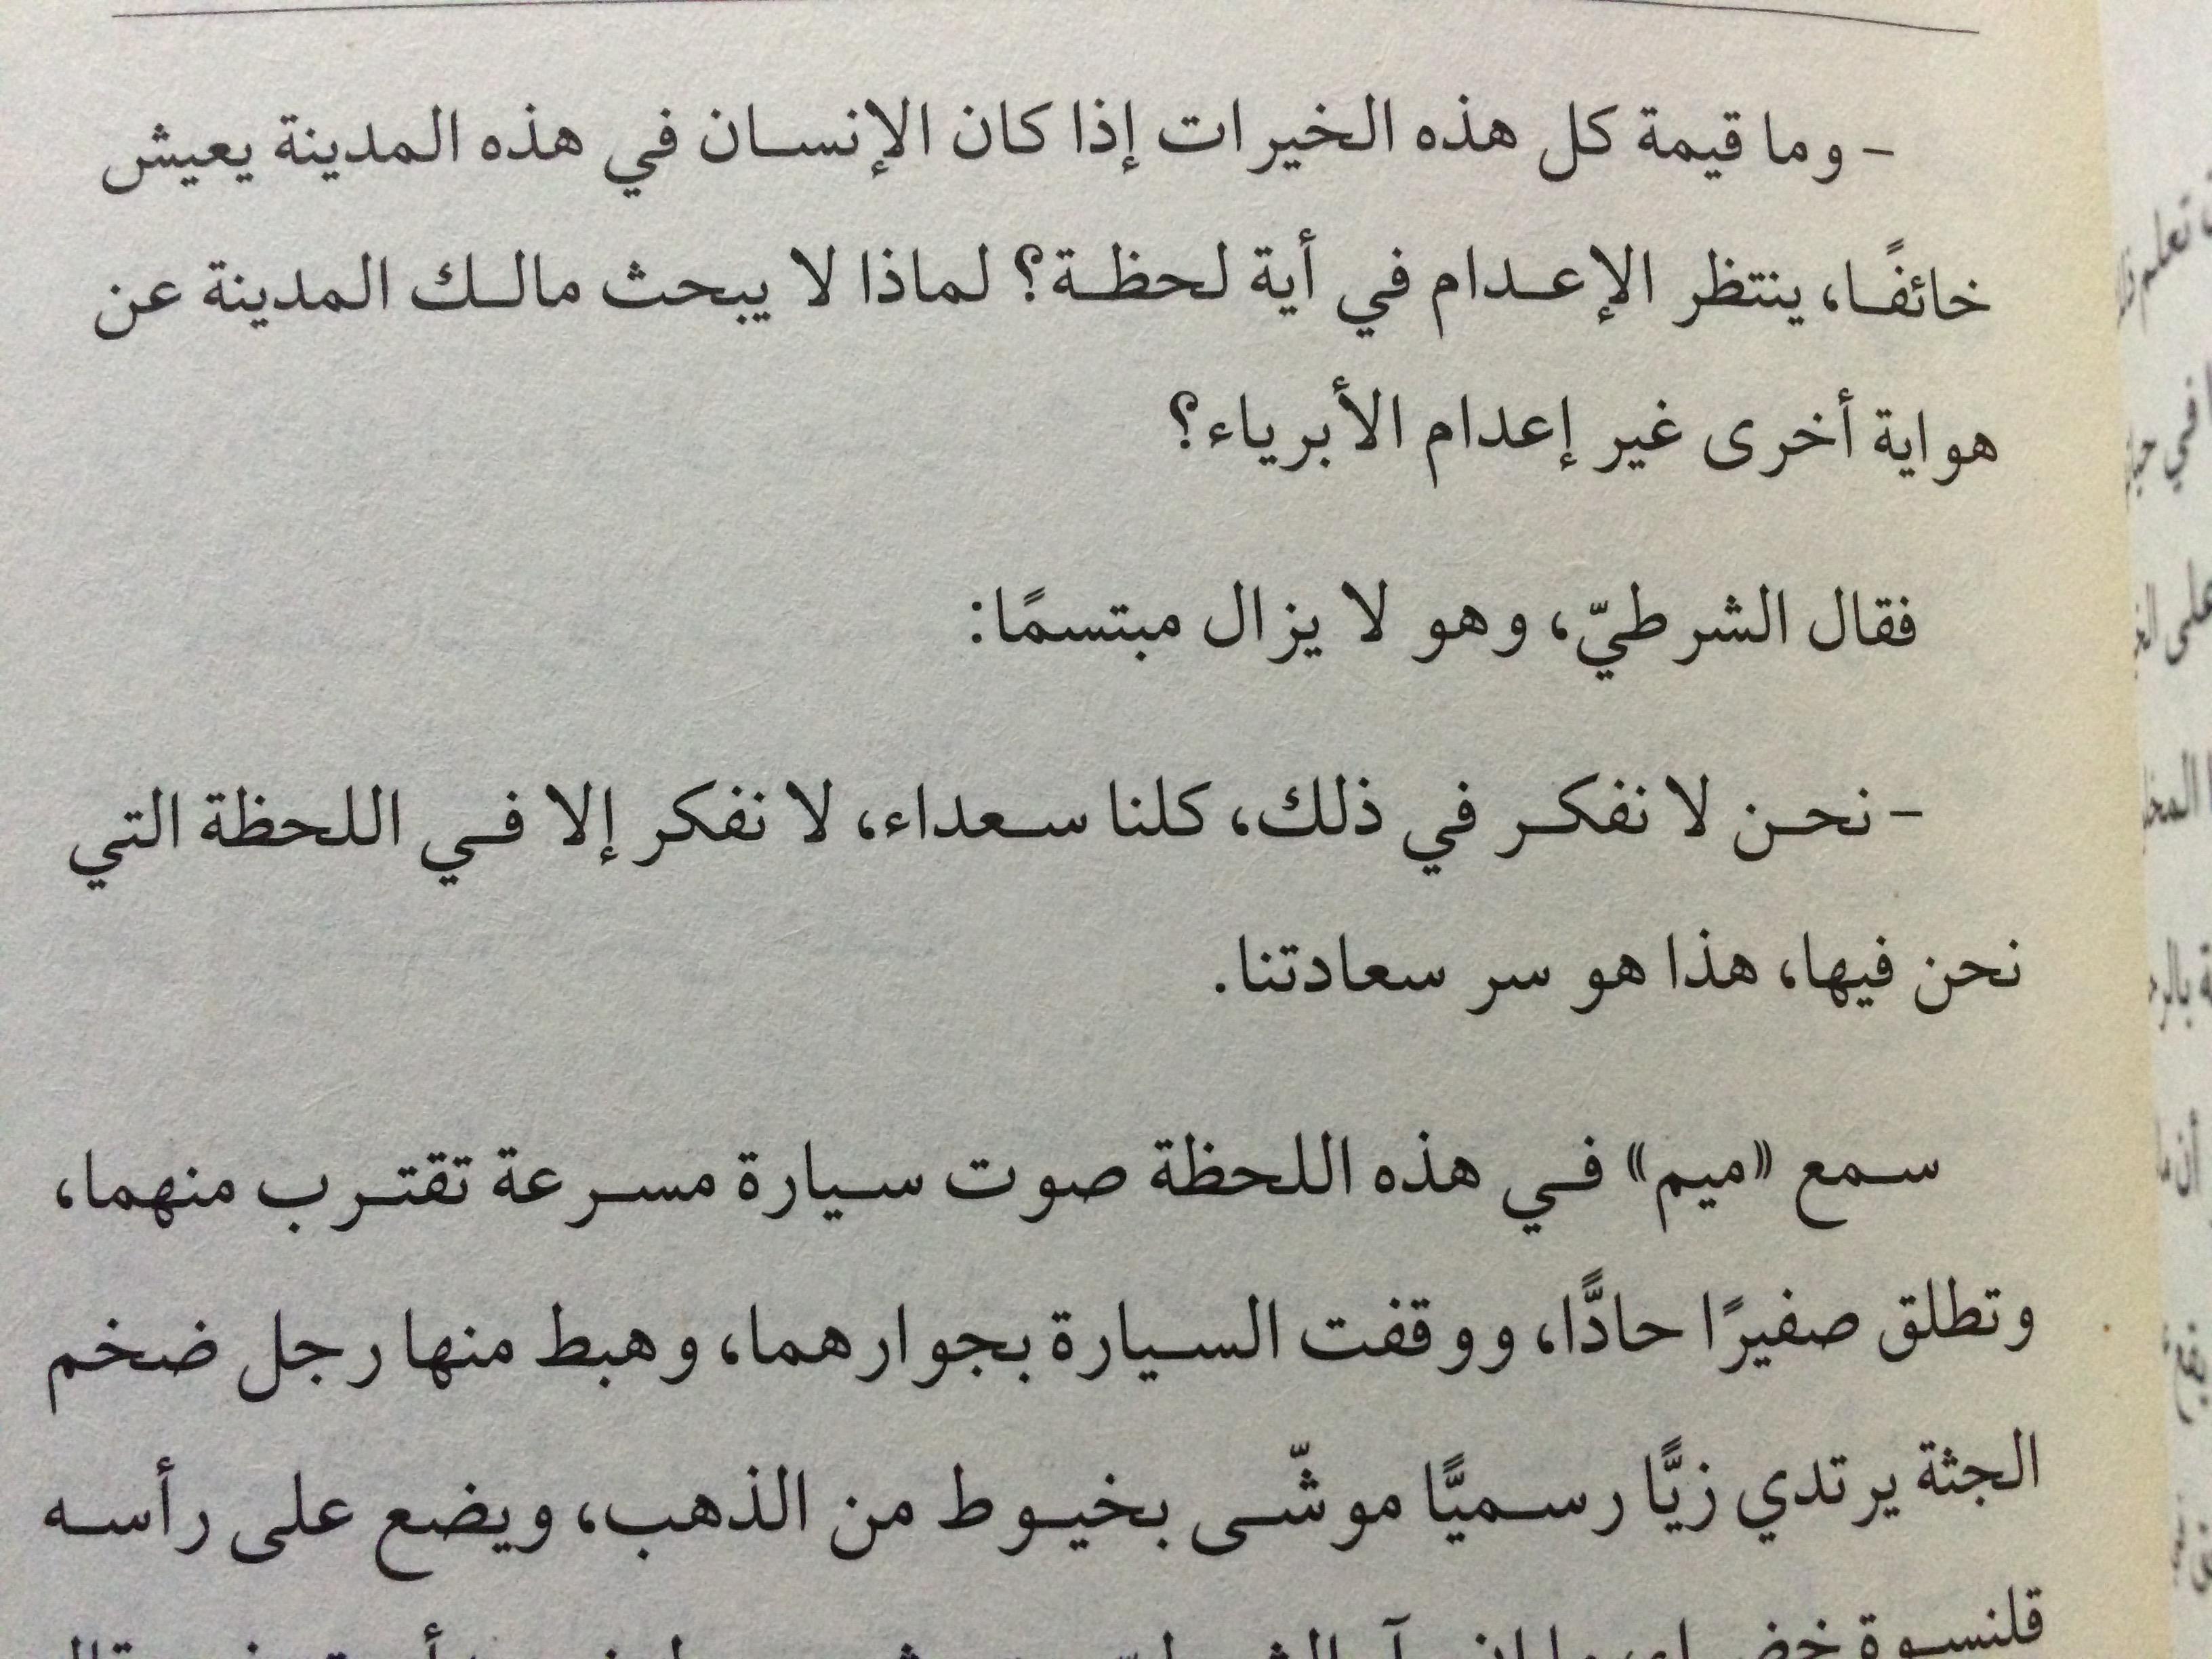 مقتطفات من كتاب الواجهة